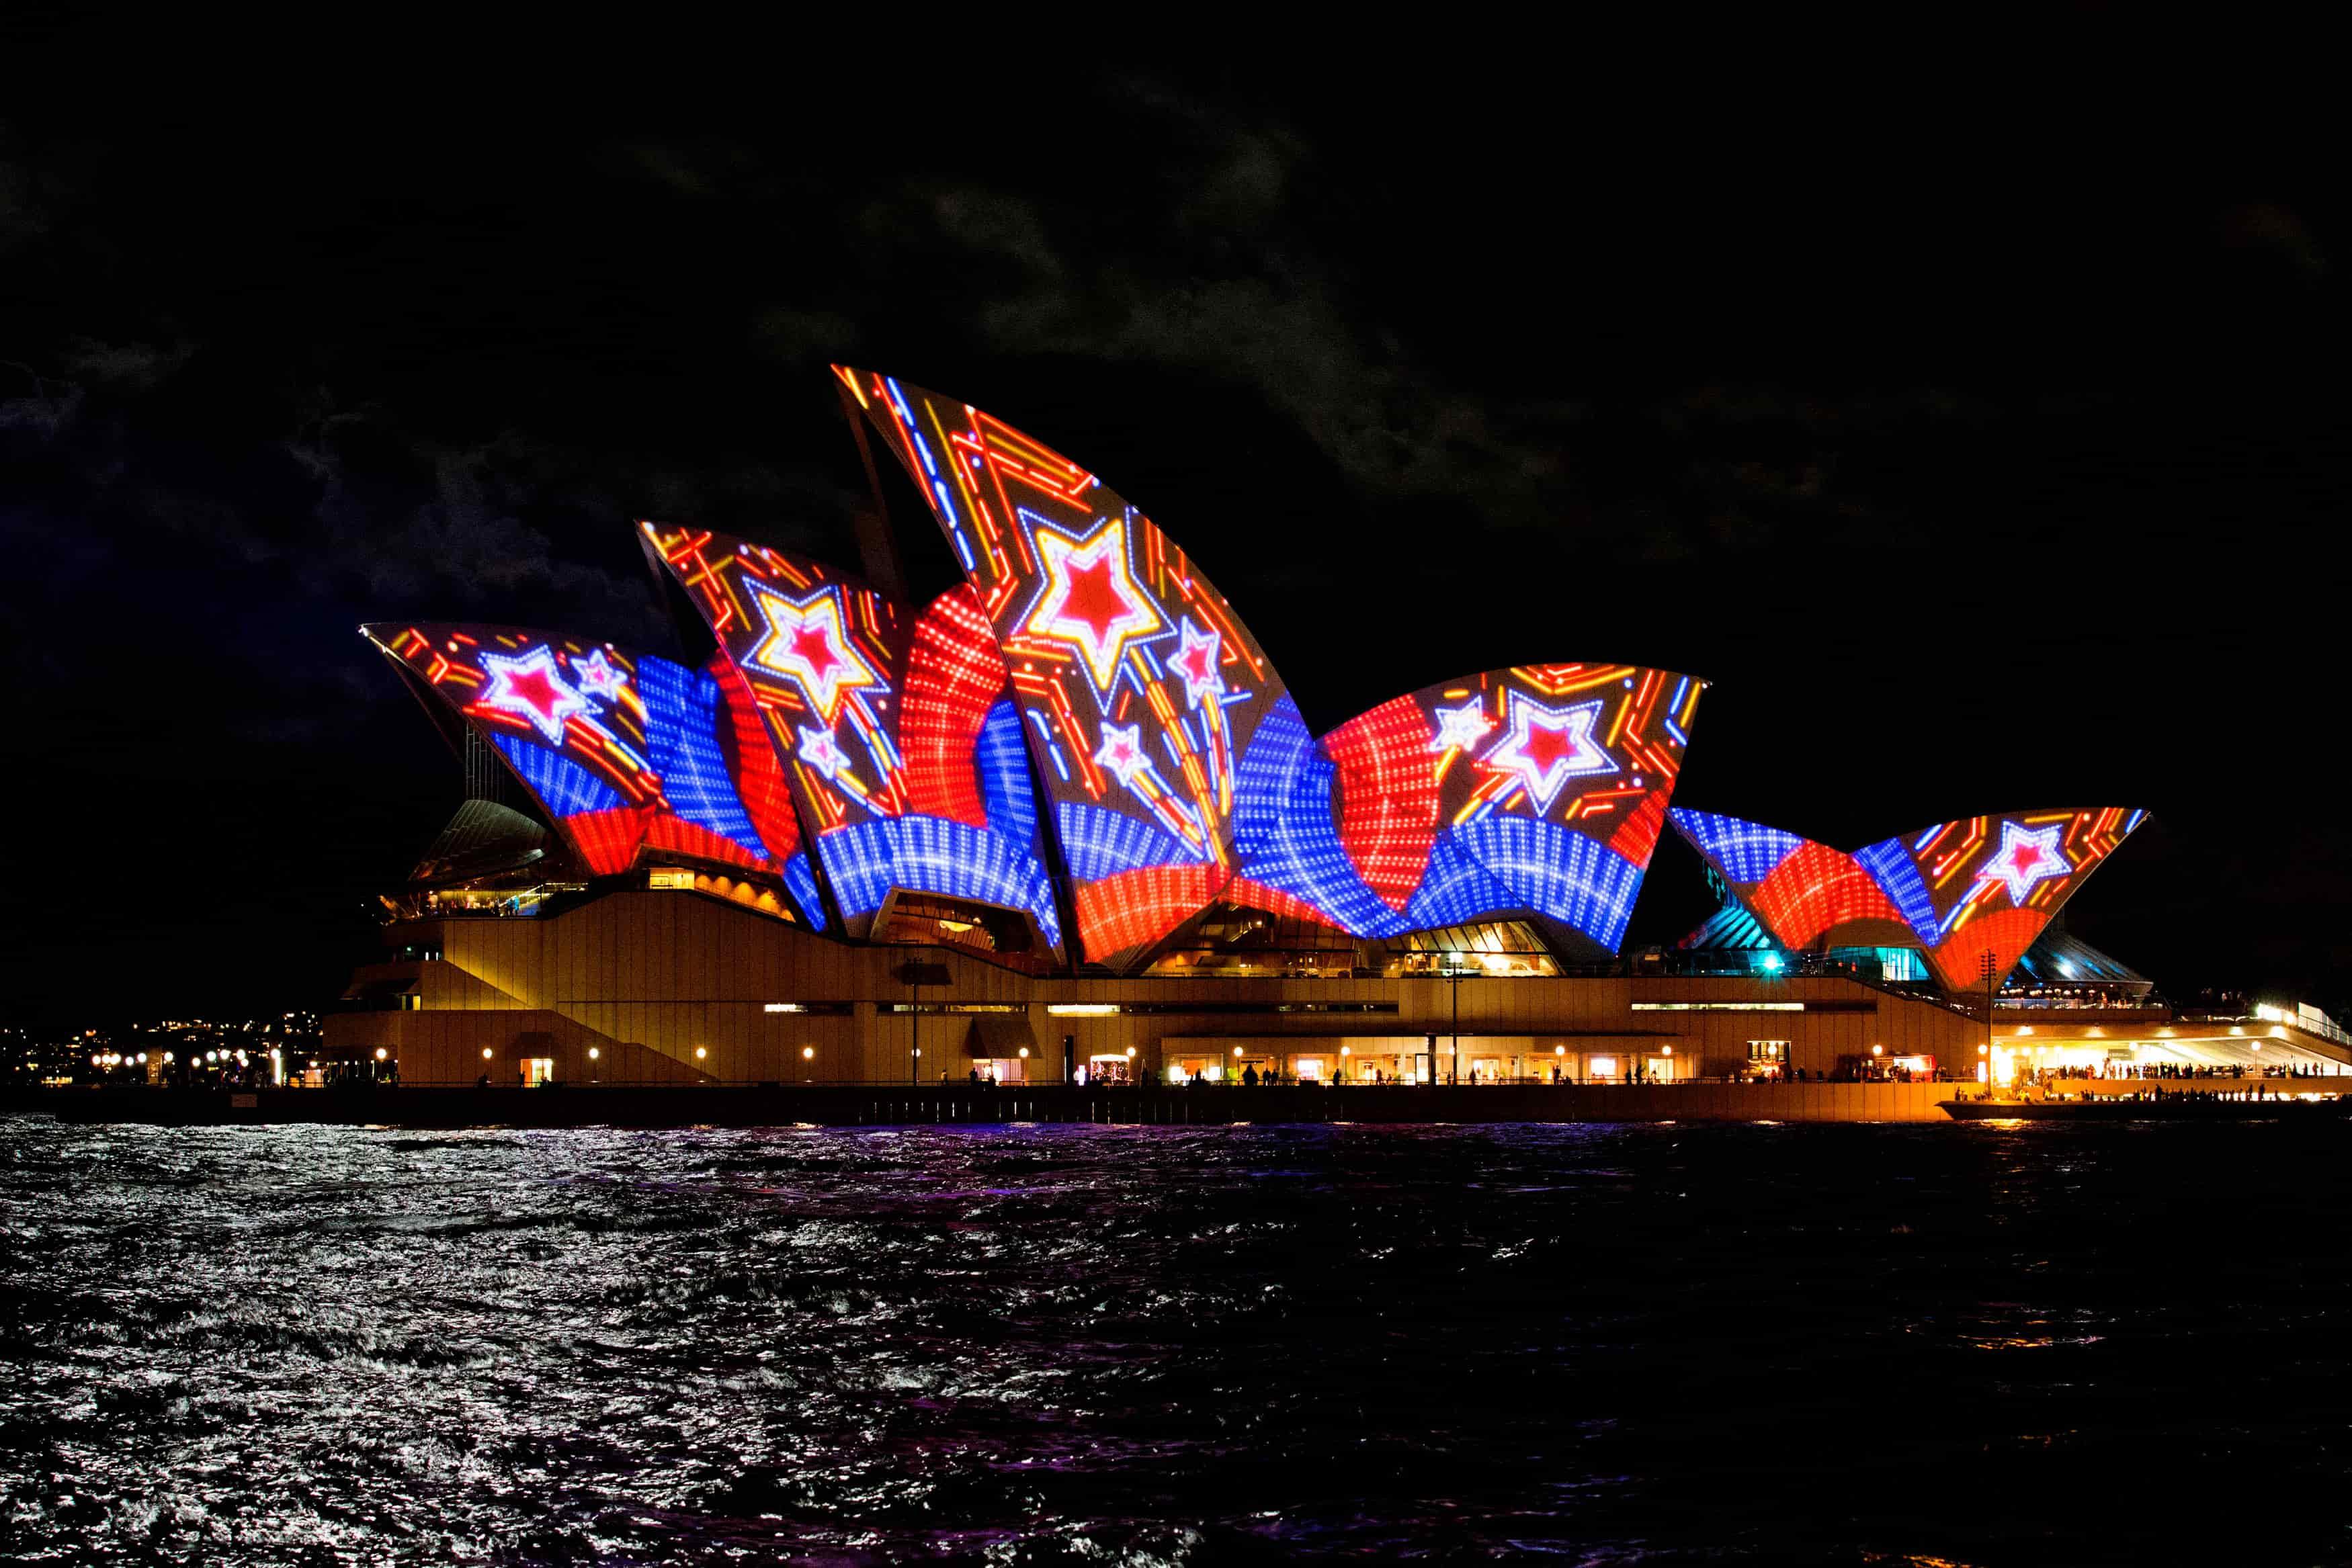 vivid sydney 2018 1 - Tất tần tật mọi thứ bạn cần biết về Vivid Sydney 2018